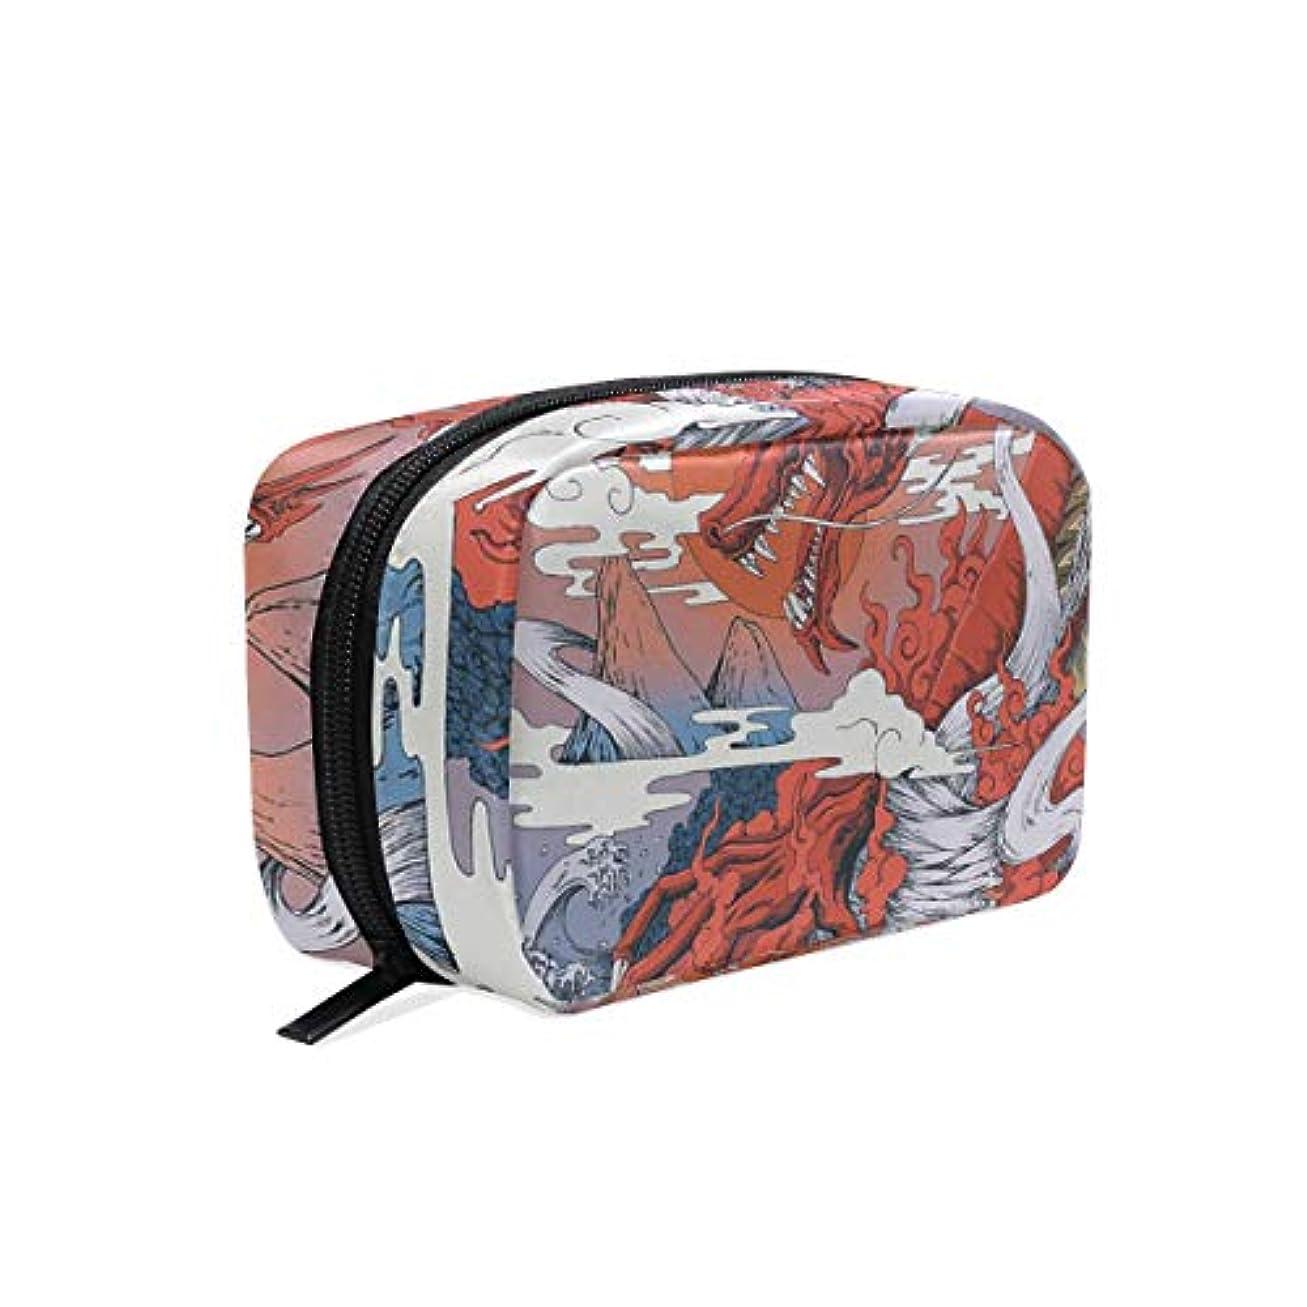 農業スカルク早く竜 浮世絵 化粧ポーチ メイクポーチ 機能的 大容量 化粧品収納 小物入れ 普段使い 出張 旅行 メイク ブラシ バッグ 化粧バッグ